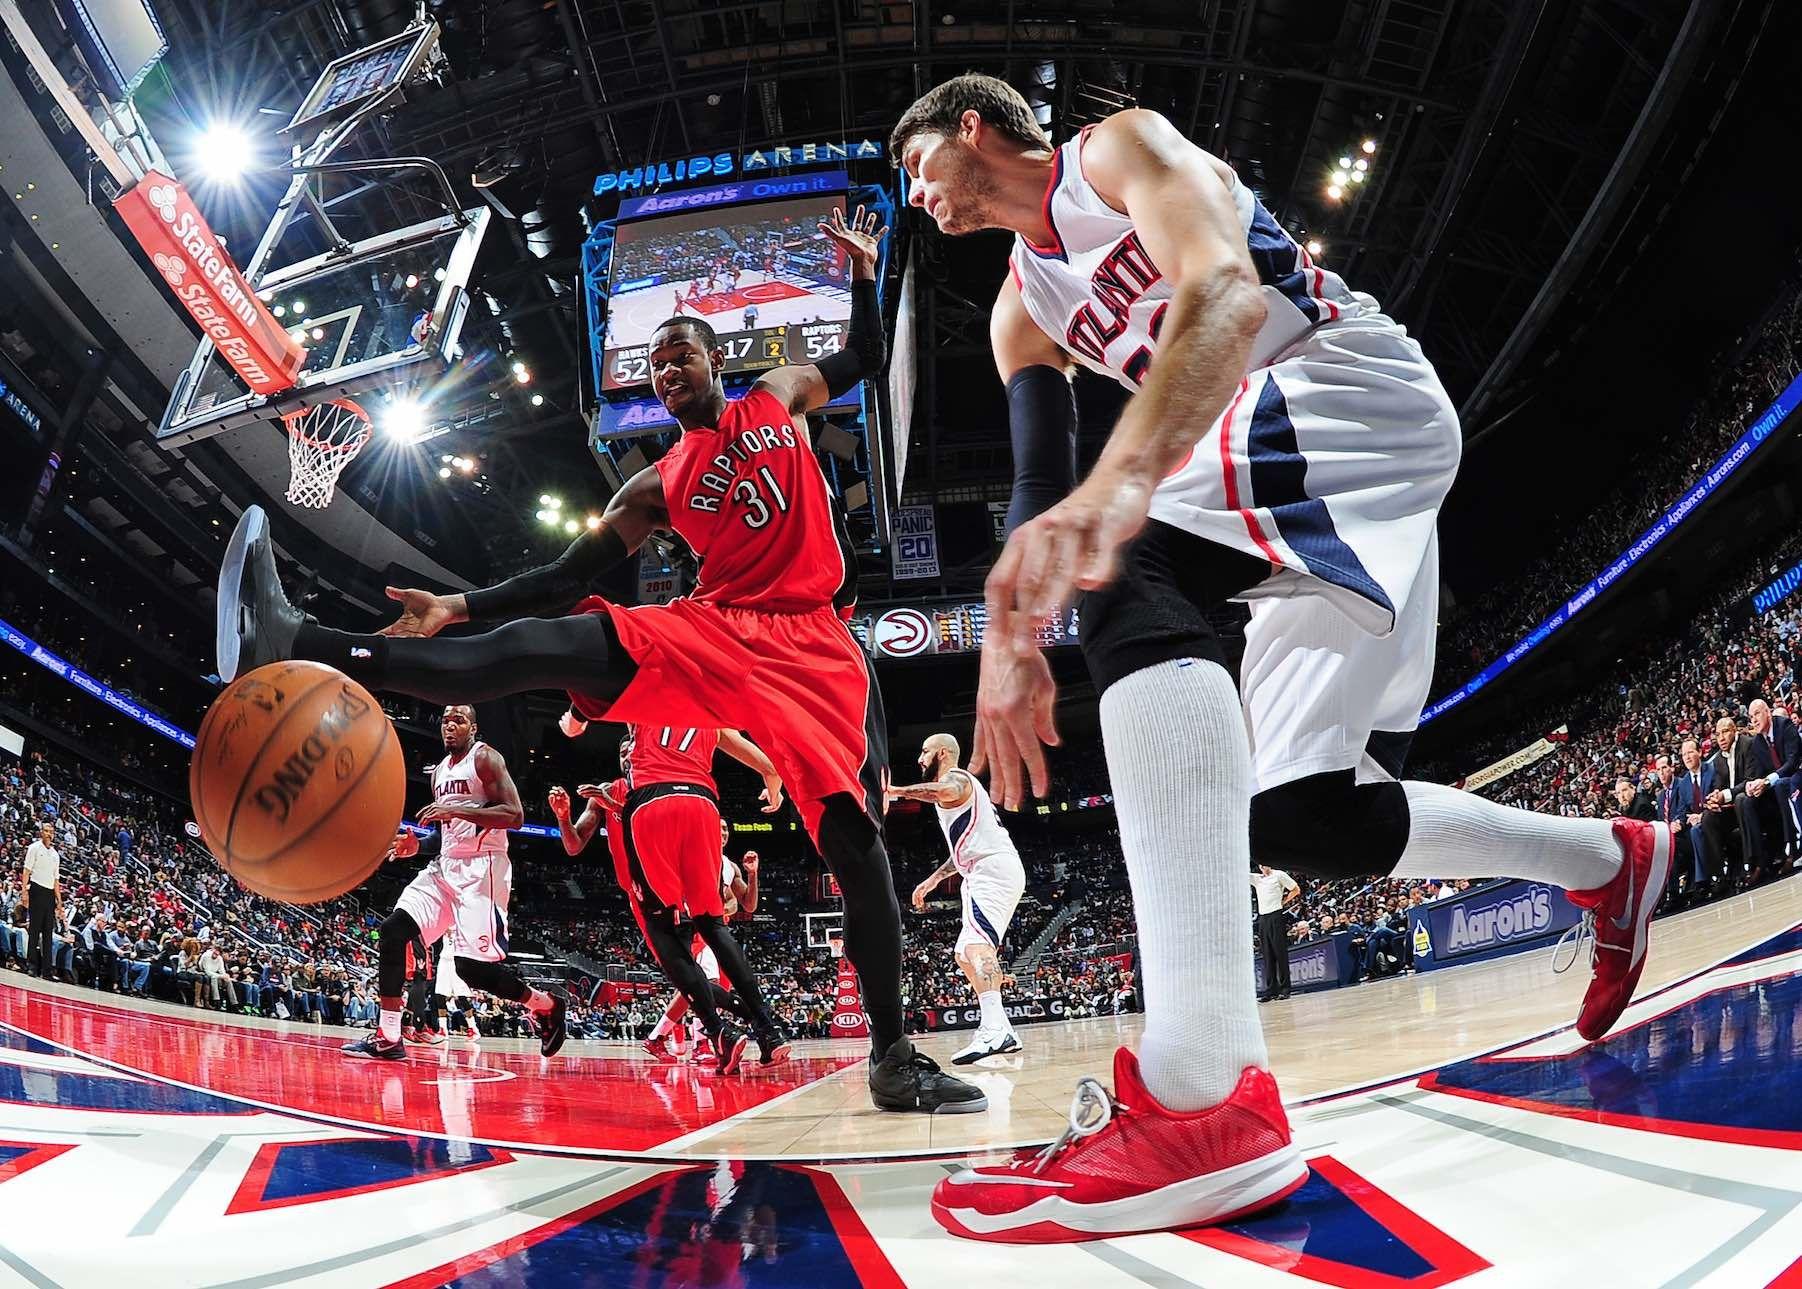 La NBA anunció que transmitirá partidos en realidad virtual